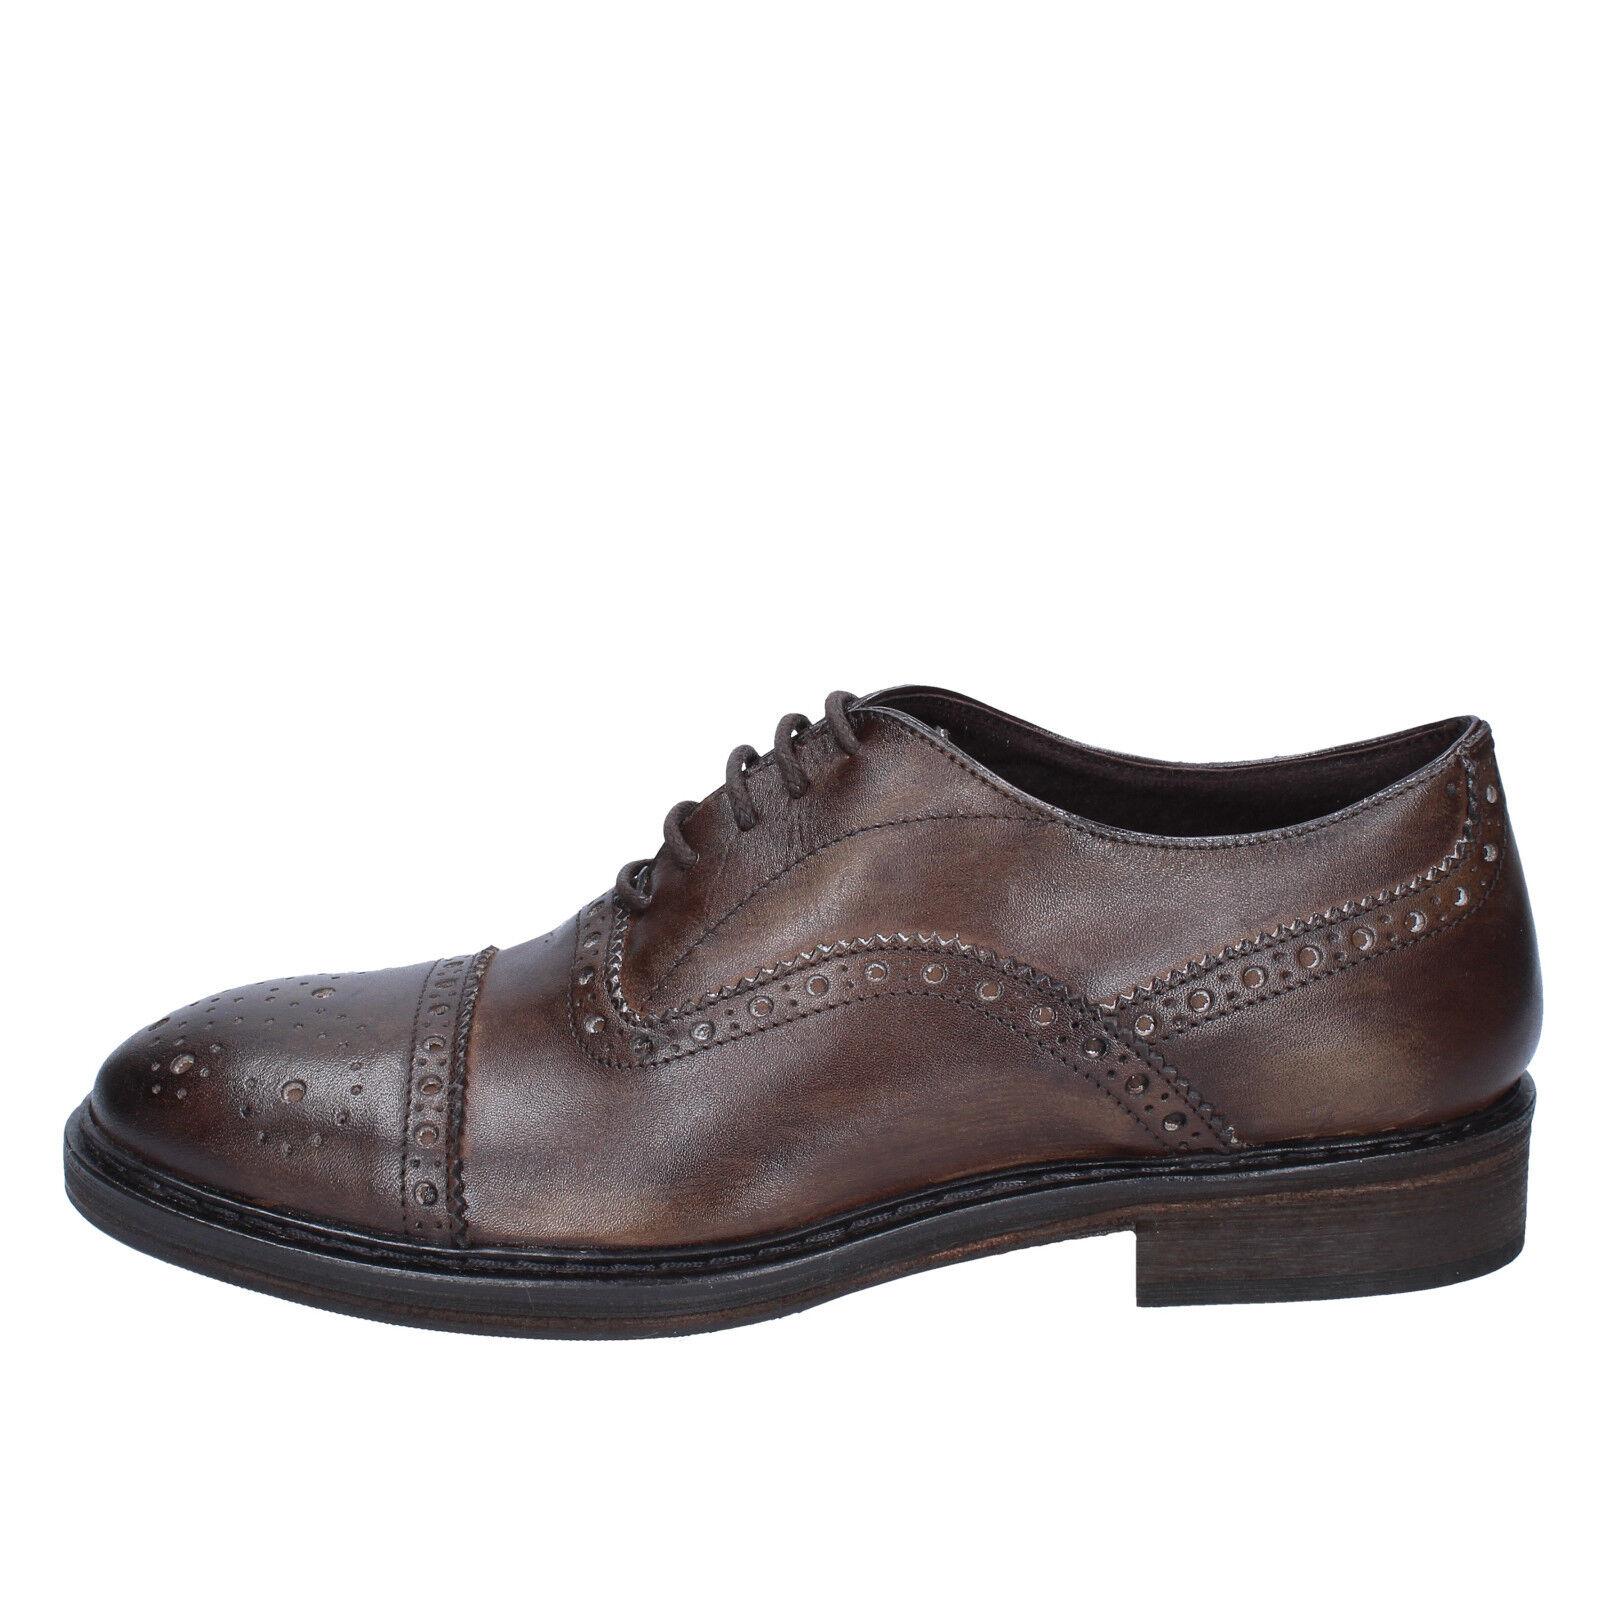 scarpe uomo CESARE MAURIZI pelle 44 EU classiche marrone pelle MAURIZI BX506-44 9b9068